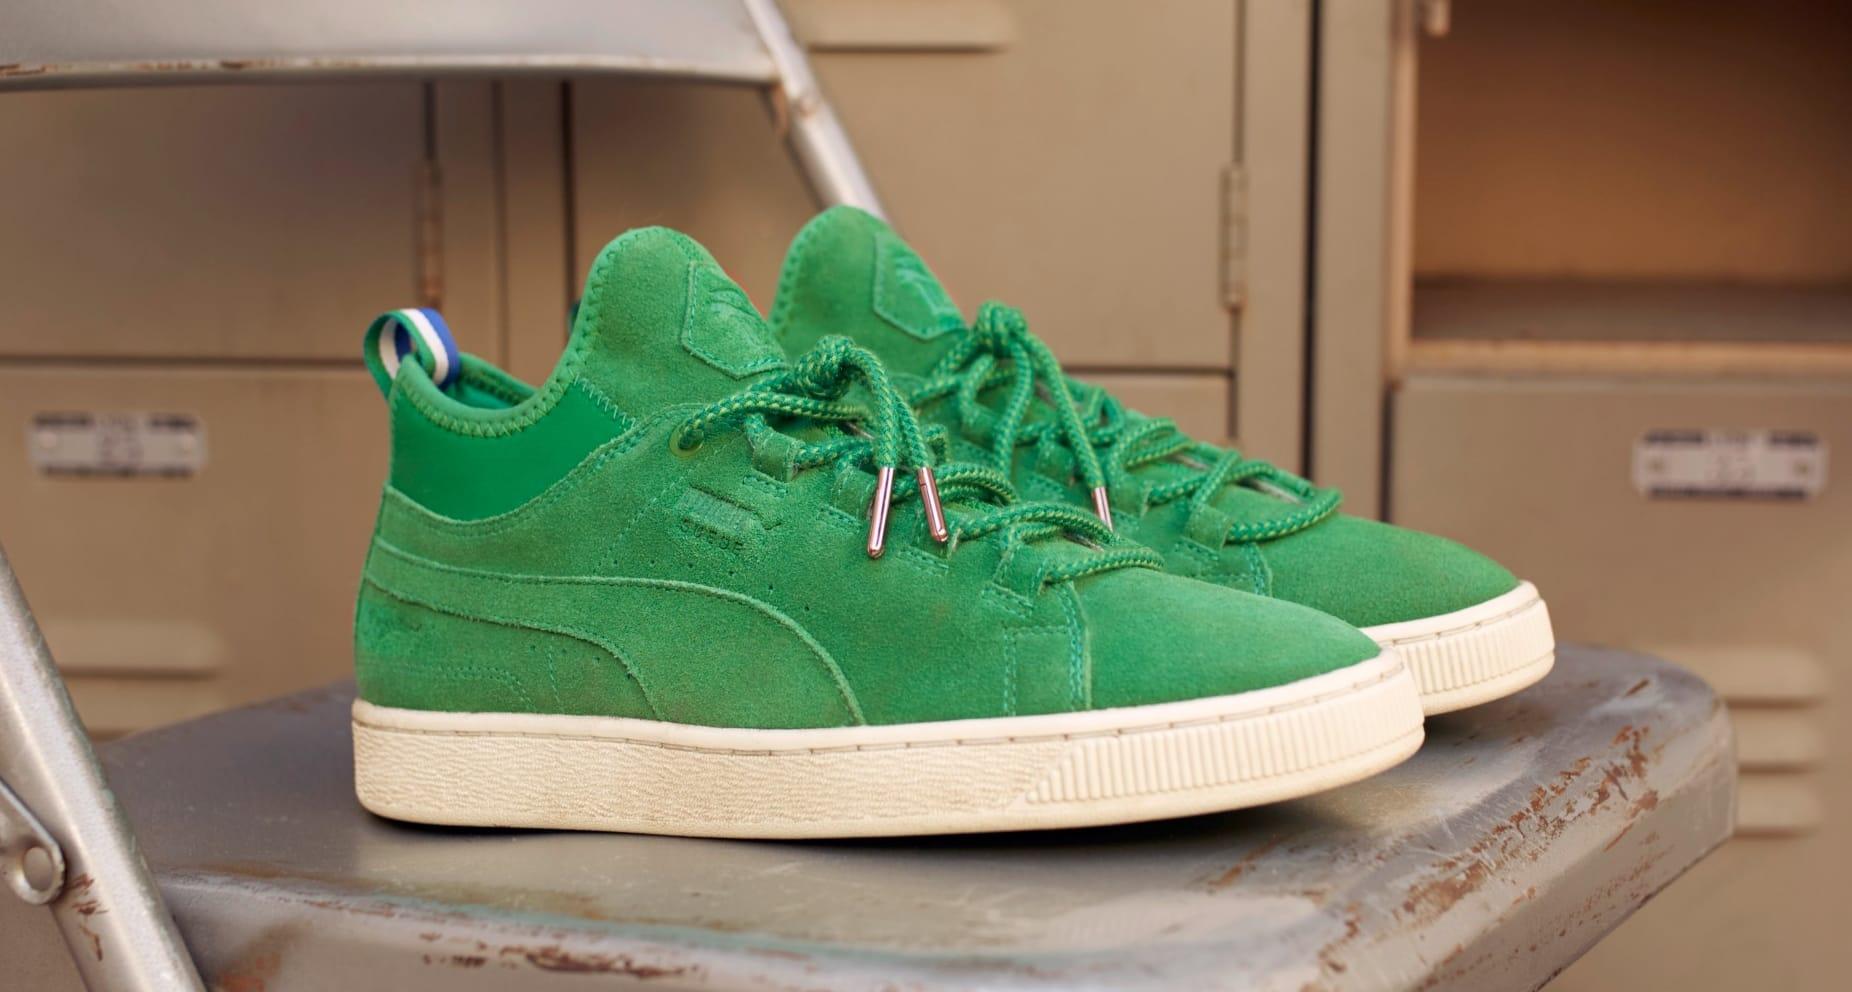 Big Suede Chaussures Bean Mid Puma Sean 0qhbydo Jelly qIBOwgga